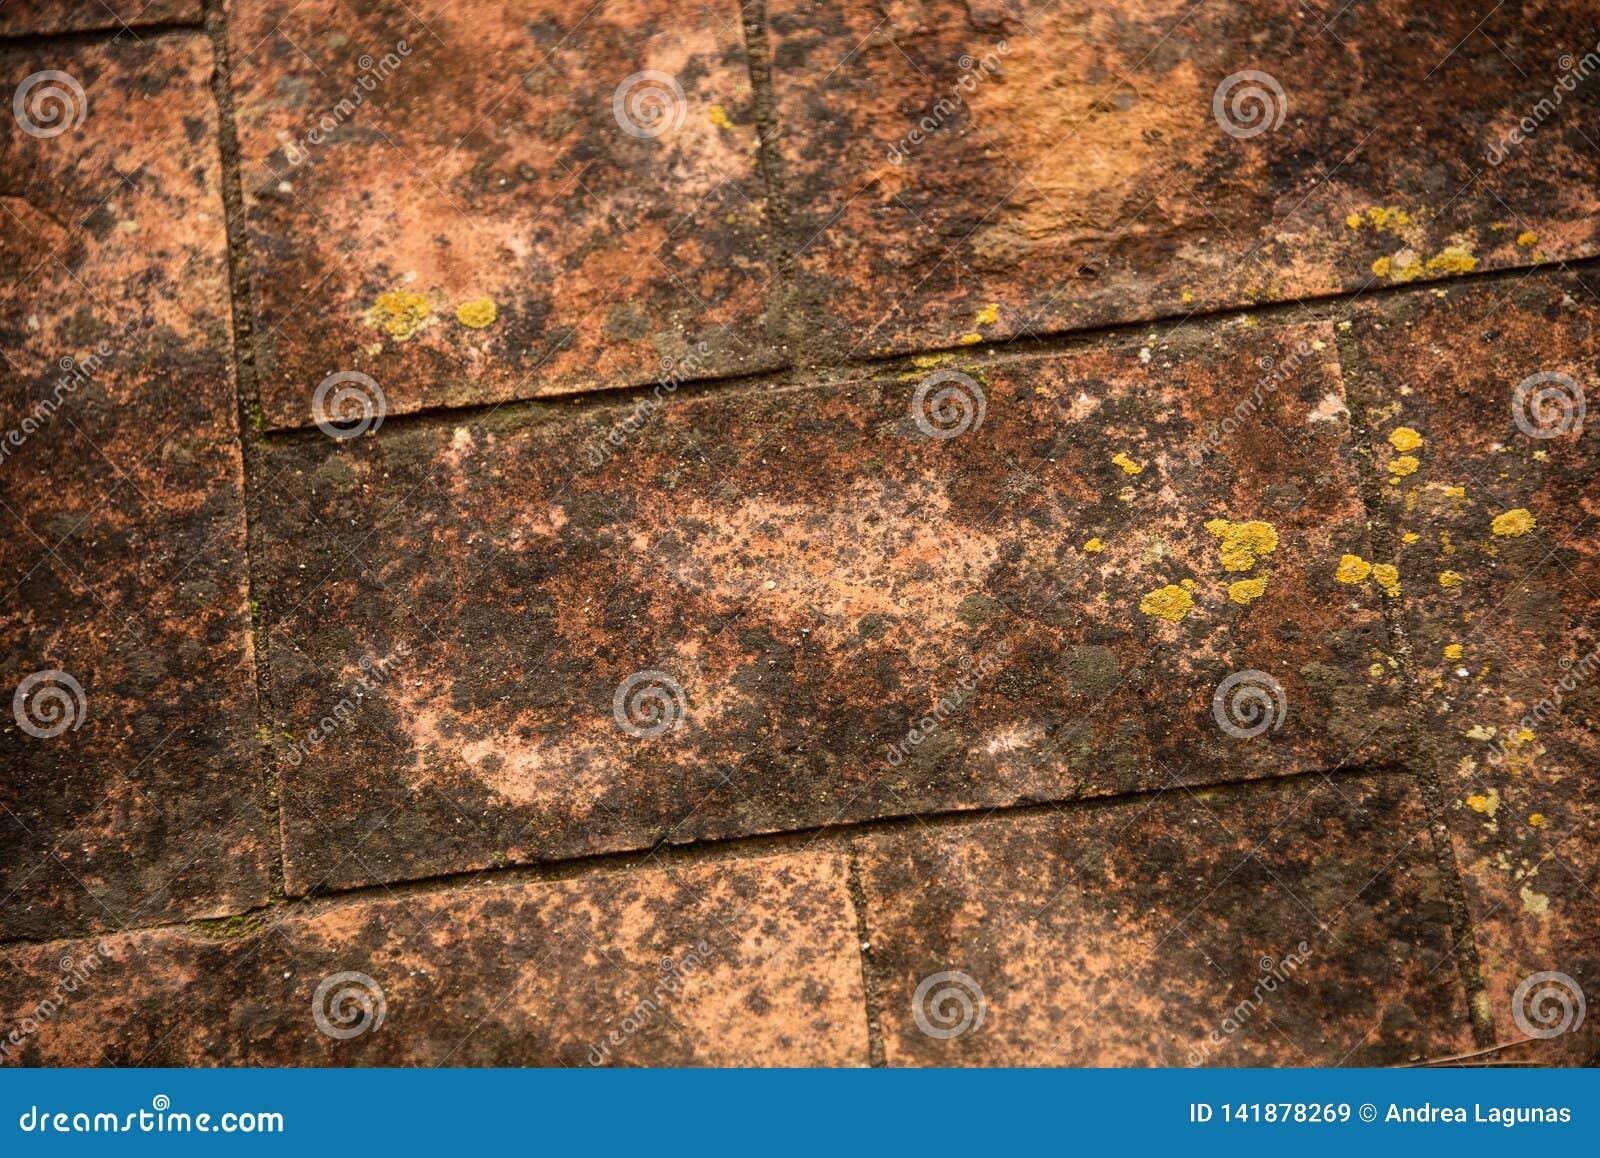 Detalj av ett gammalt golv med mossa